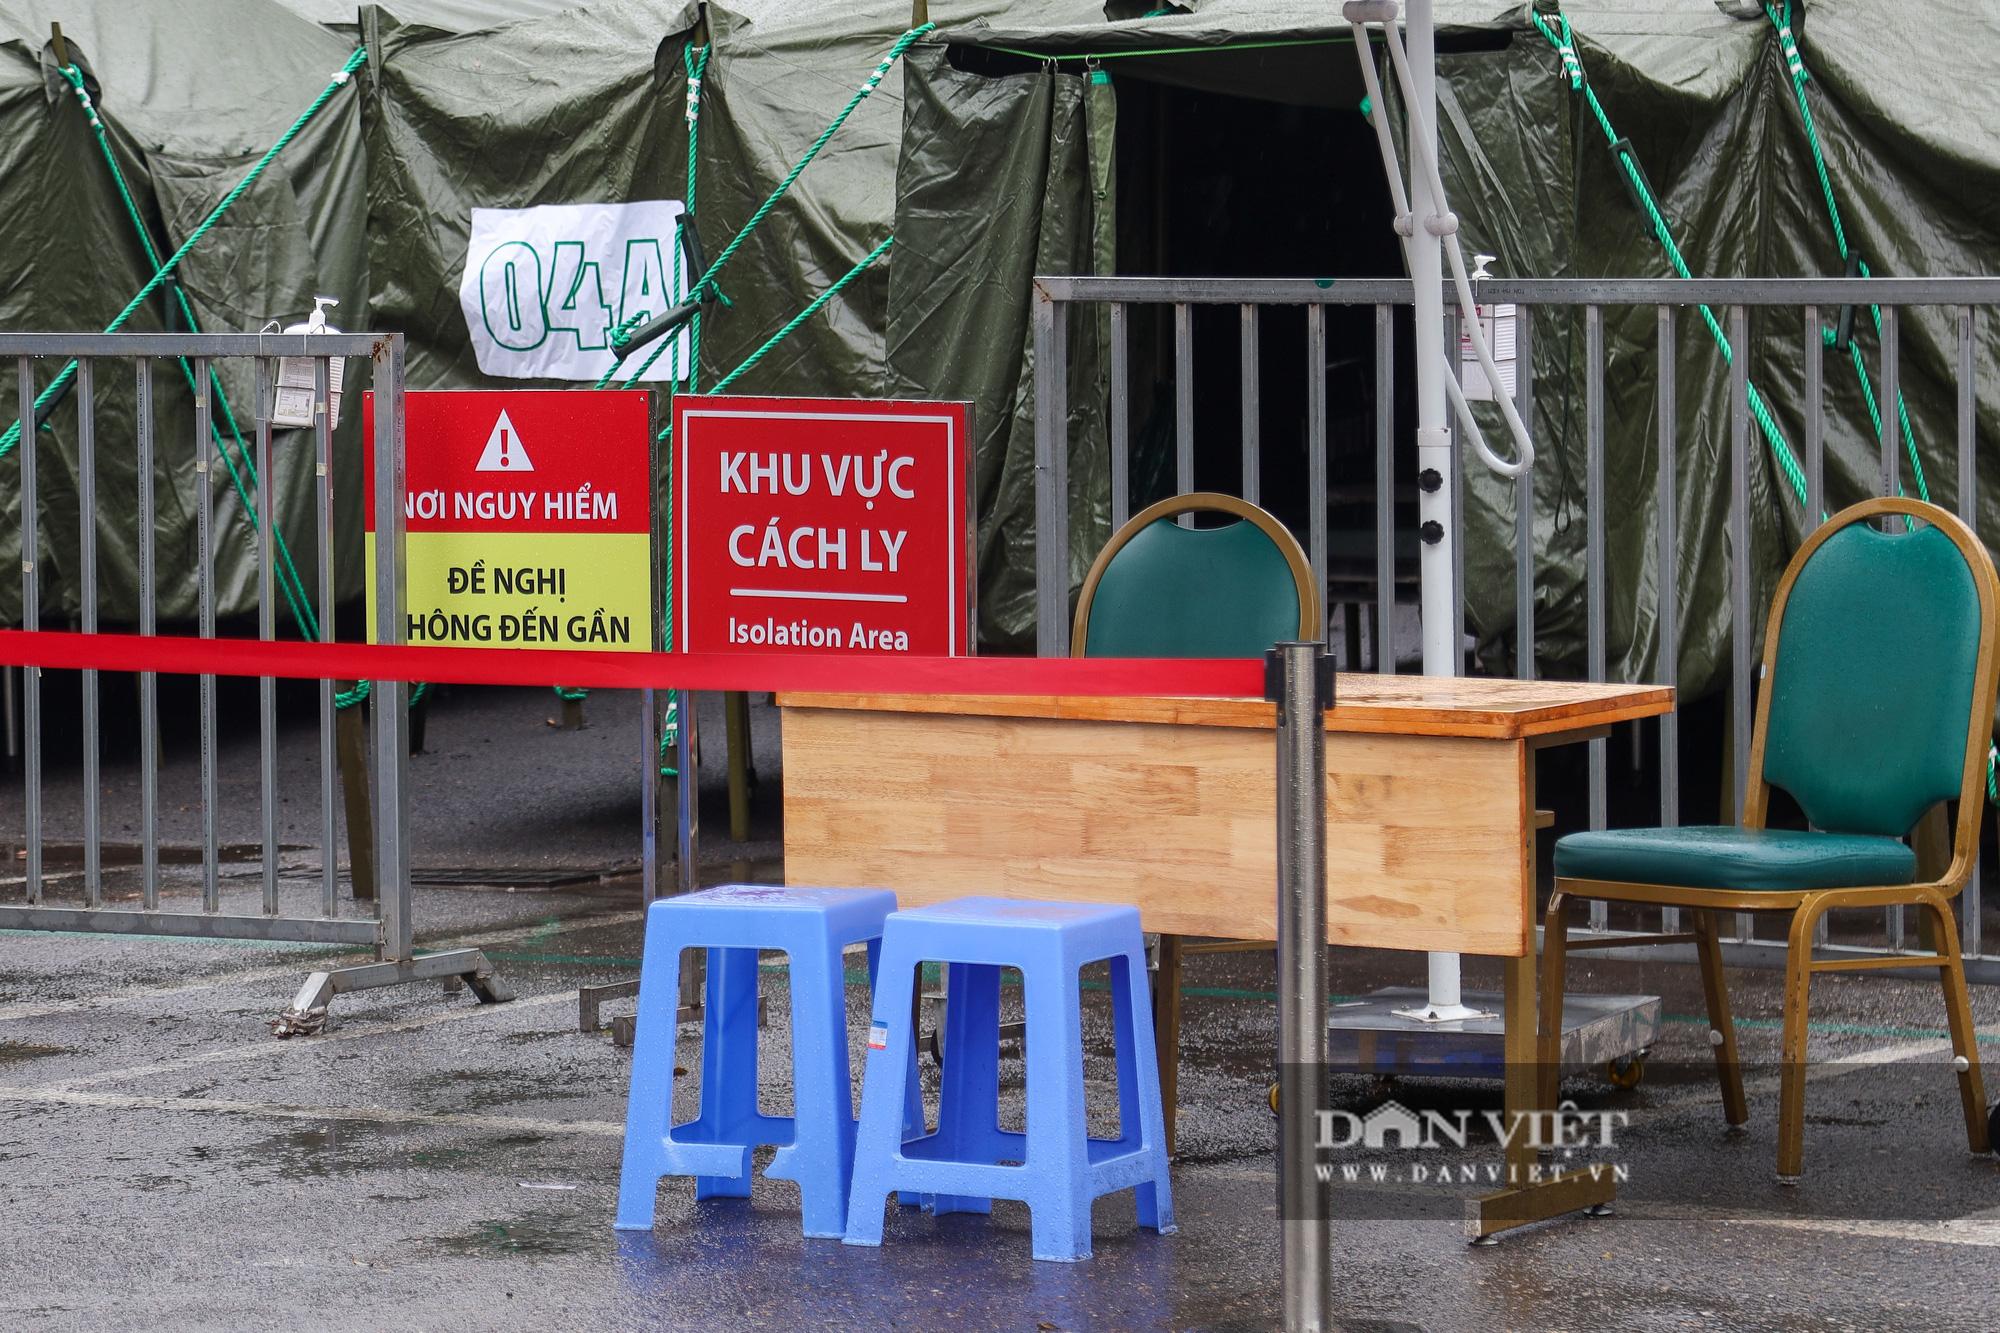 Cận cảnh bệnh viện dã chiến xây trong 4 tiếng ở Hà Nội  - Ảnh 5.